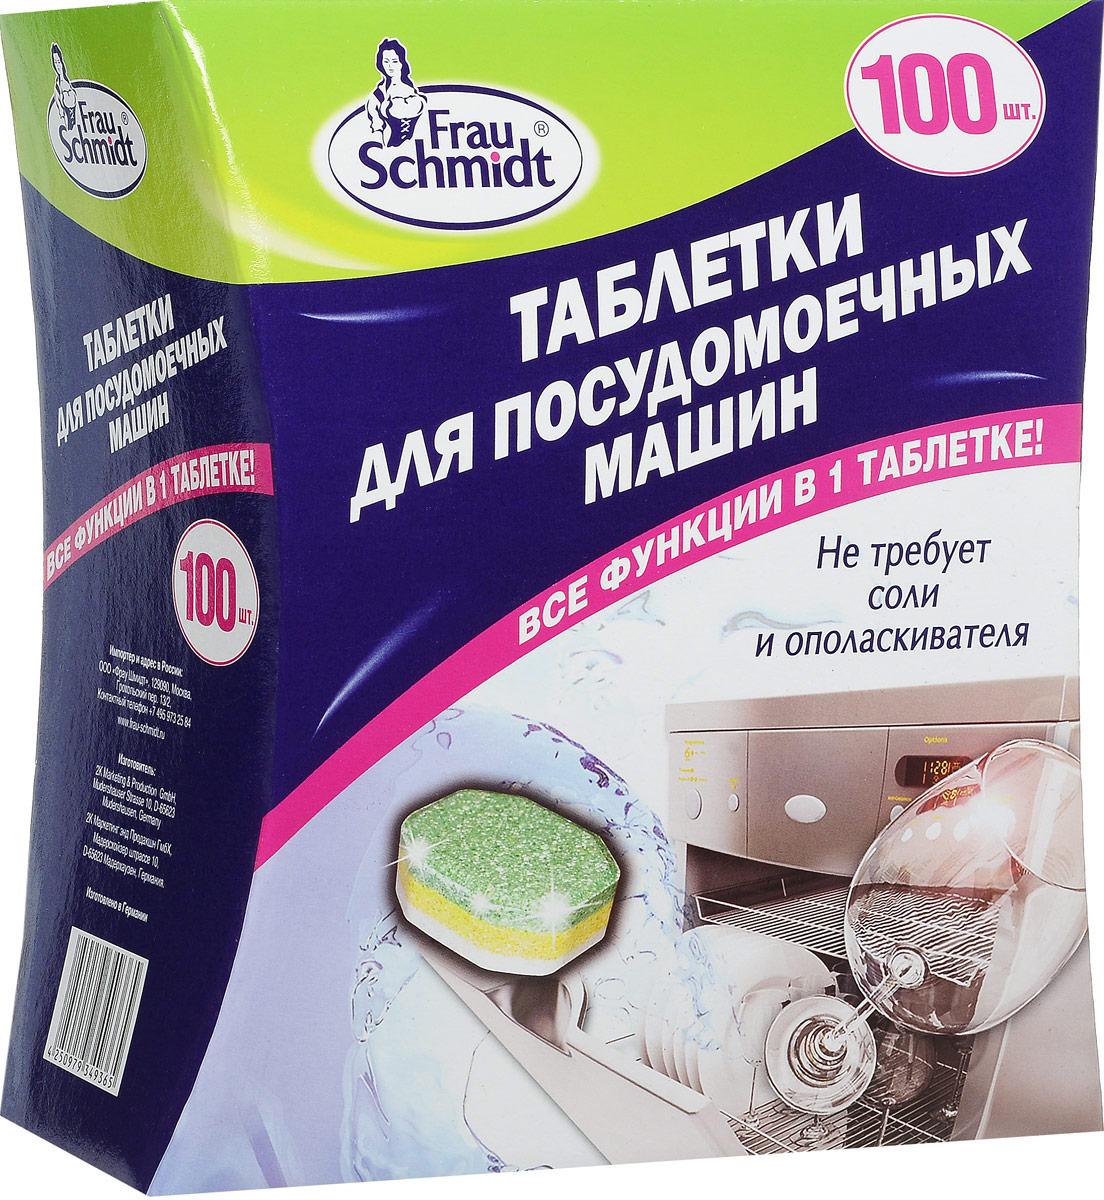 Таблетки для посудомоечной машины Frau Schmidt Все в одном, 100 шт790009Таблетки для посудомоечной машины Frau Schmidt Все в одном эффективно удаляют жир и нейтрализуют запах. Таблетки защищают посудомоечную машину от известковых отложений и эффективны при низких температурах. Средство не оставляет пятен и разводов, удаляет пятна от чая и кофе. Обеспечивает защиту и блеск стекла, серебра и нержавеющей стали. Таблетки не требуют добавления соли и ополаскивателя. Состав: фосфаты, кислородосодержащие отбеливающие вещества, неионные ПАВы, поликарбоксилаты, фосфонаты, энзимы, отдушка. Товар сертифицирован.